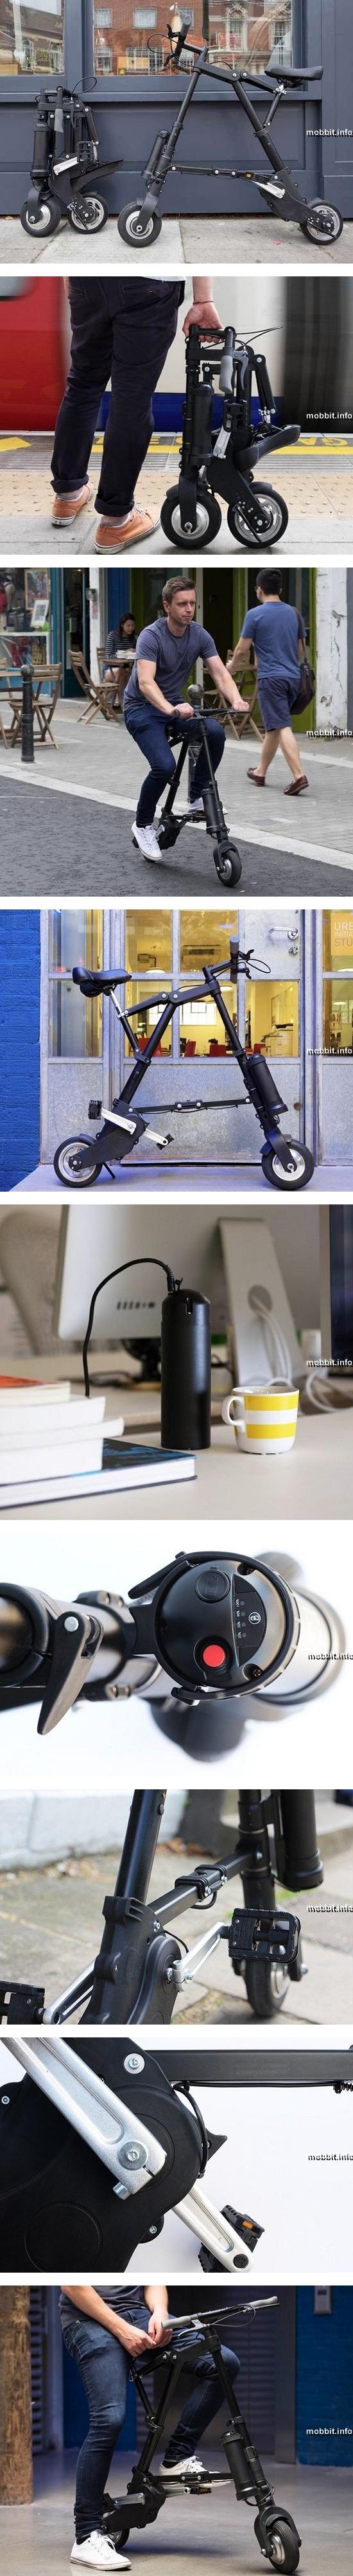 A-Bike Electric